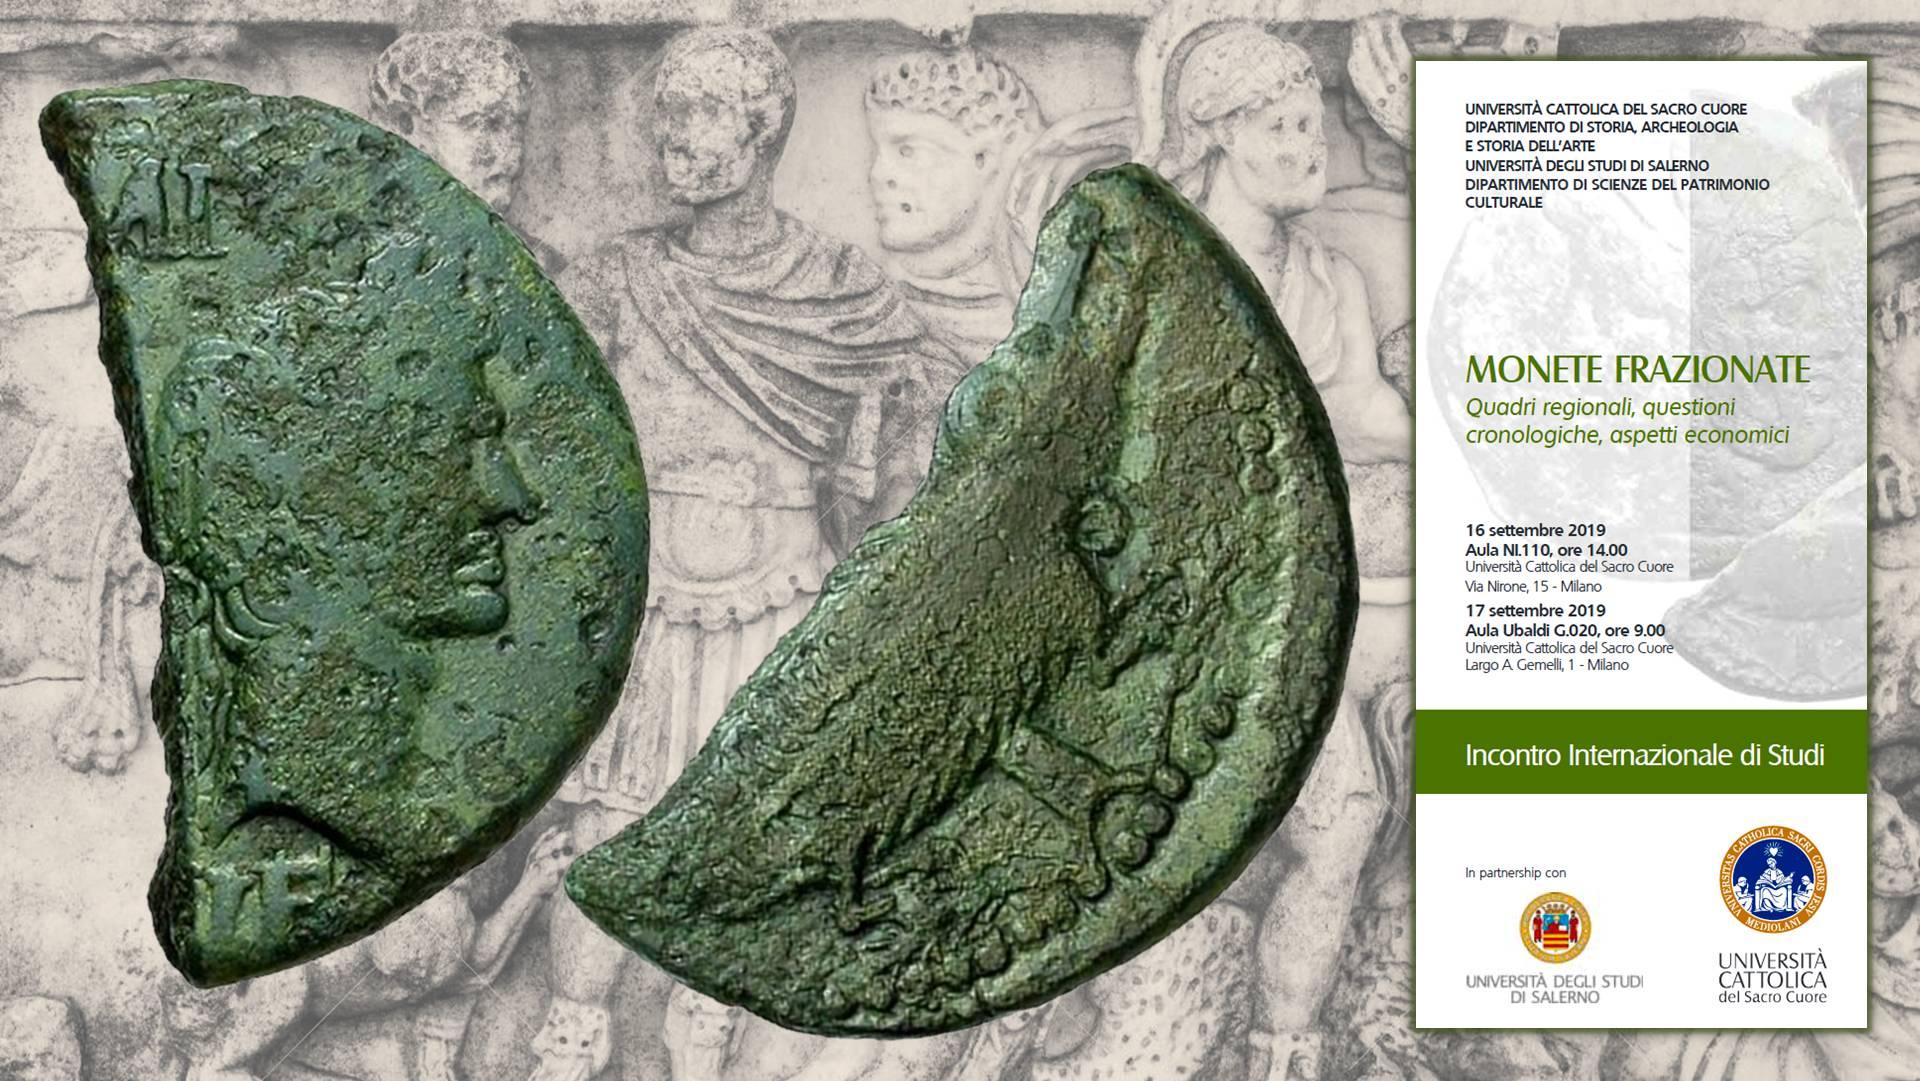 Calendario Unicatt.Sulle Monete Frazionate Convegno Internazionale Alla